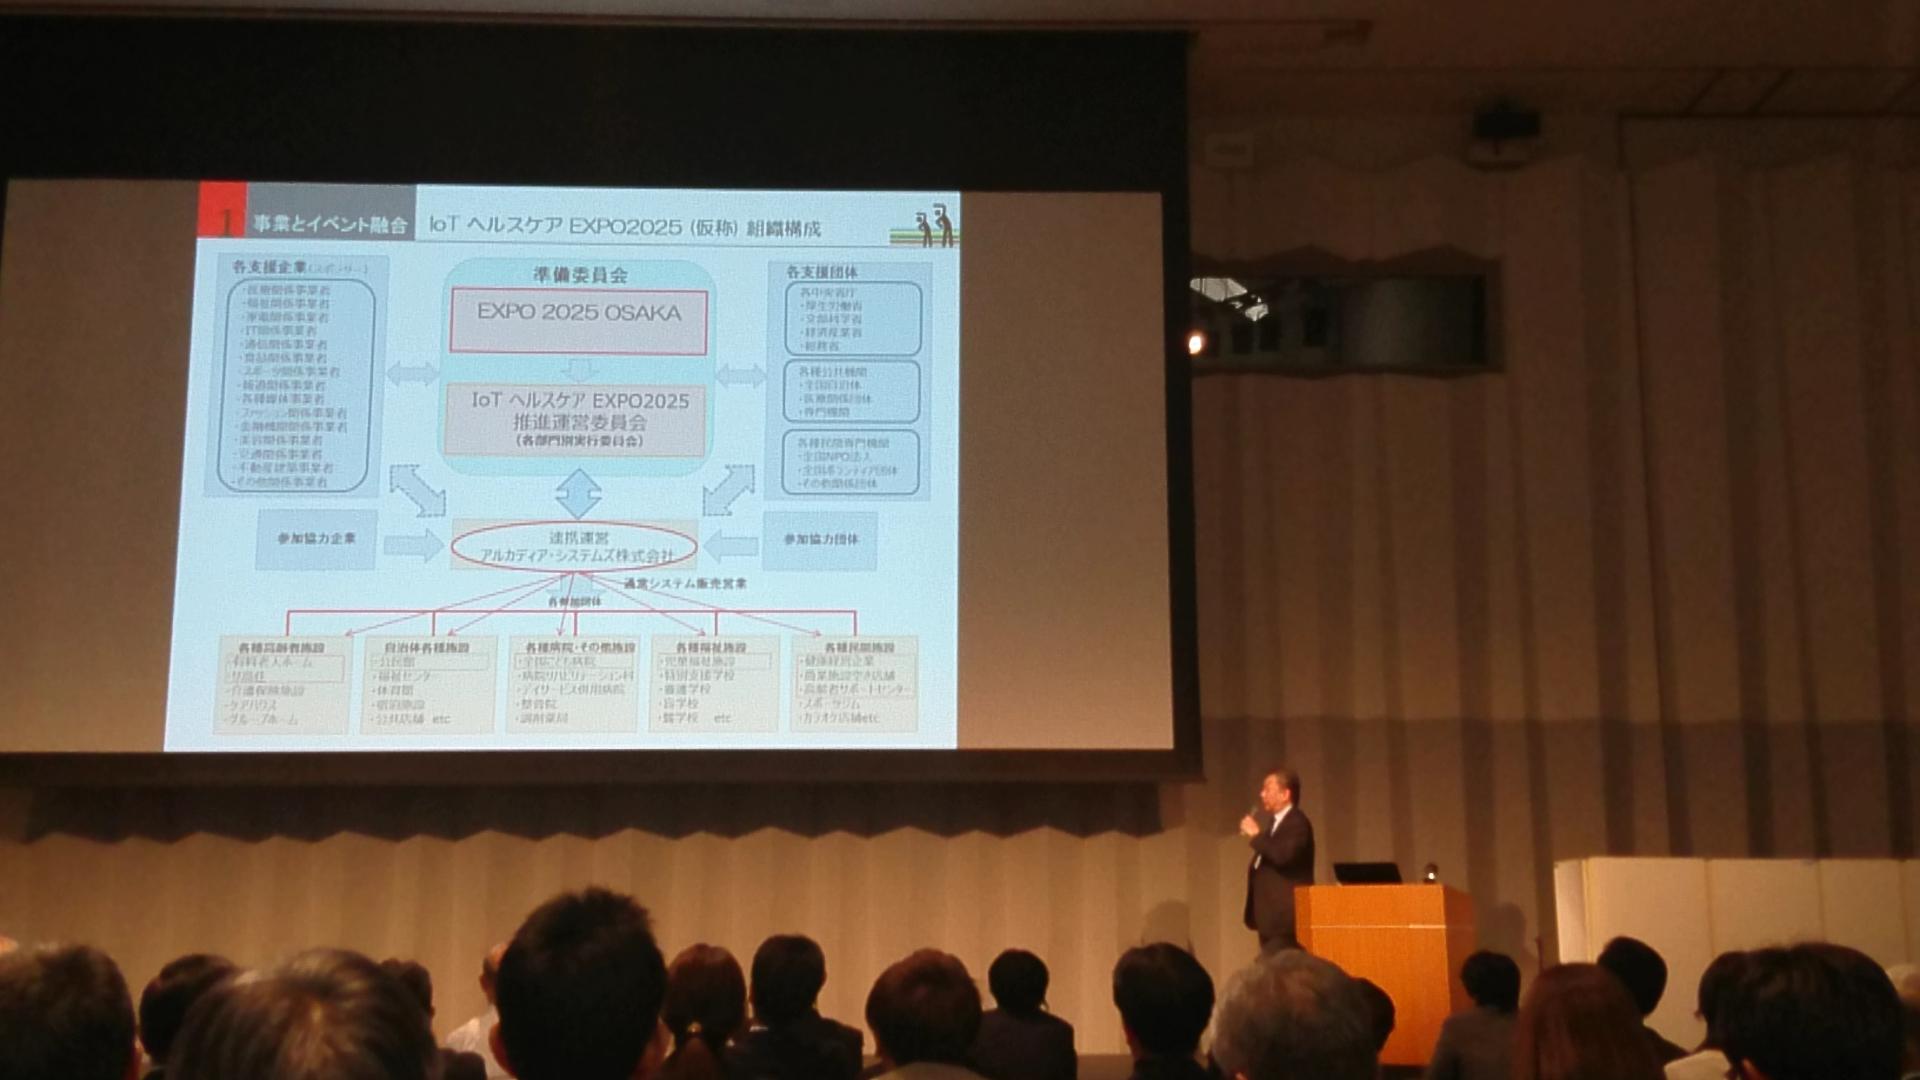 「IoTヘルスケアEXPO2025に向けたセンシング運動システム事業」プレゼンテーション